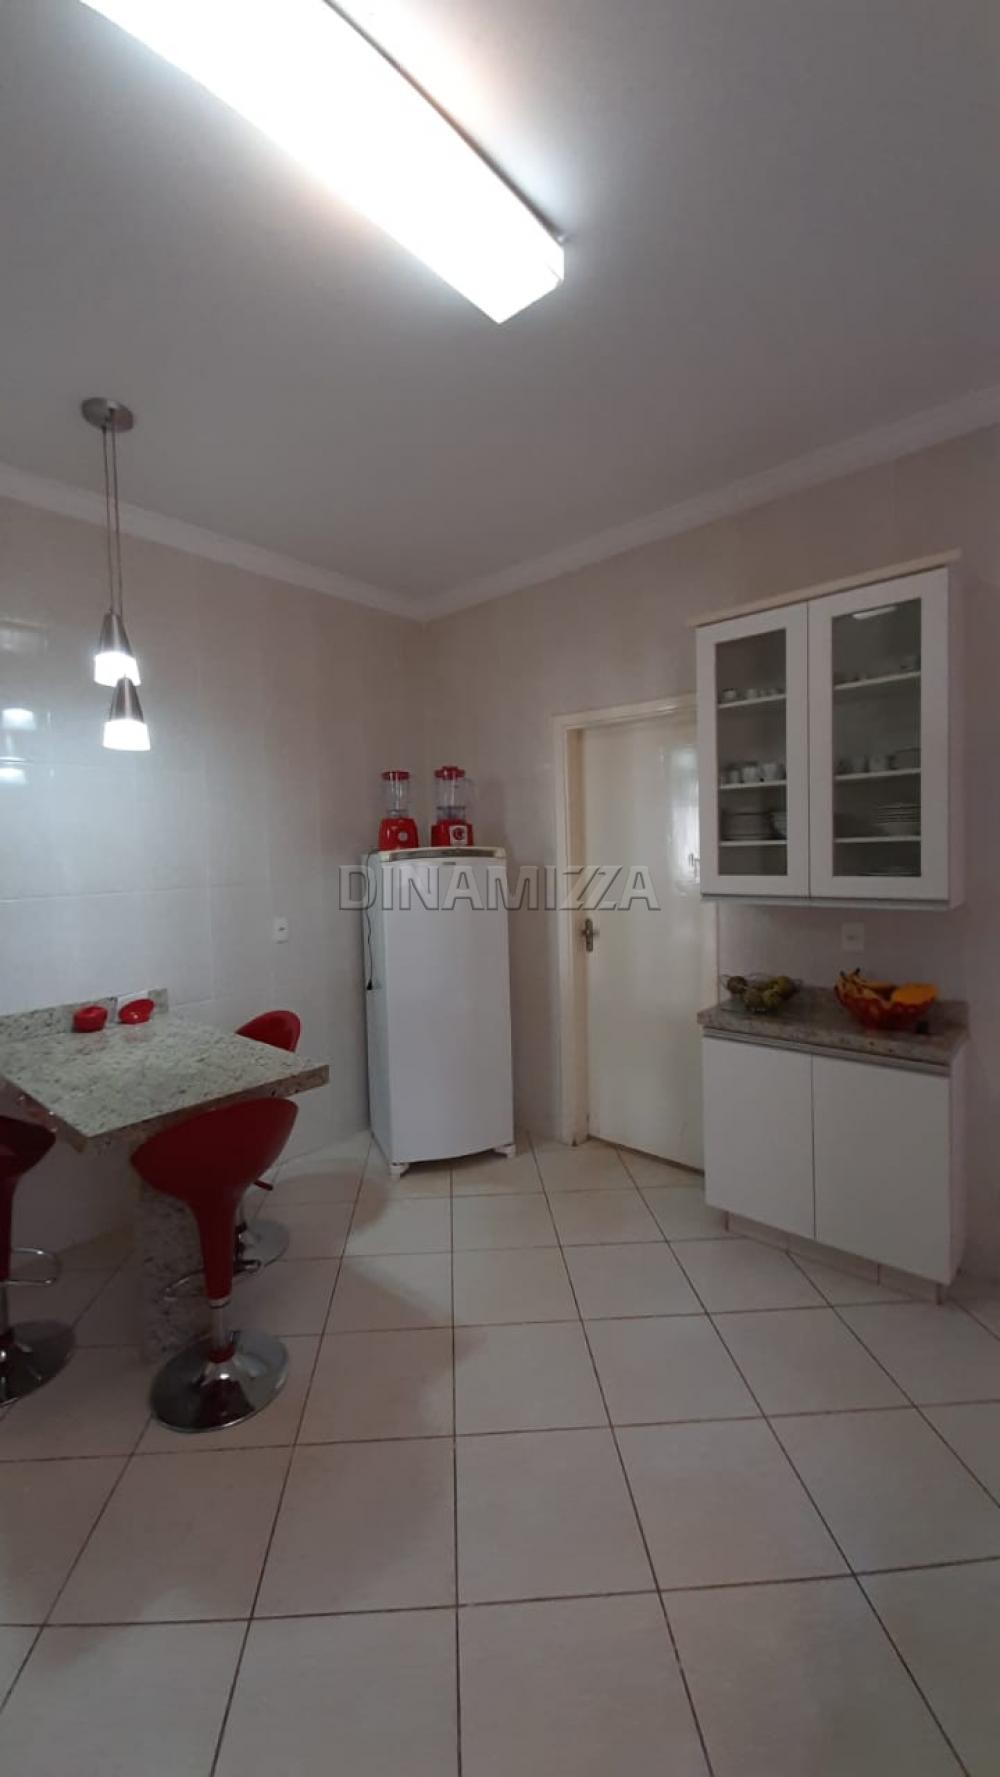 Alugar Casa / Padrão em Uberaba apenas R$ 3.500,00 - Foto 17